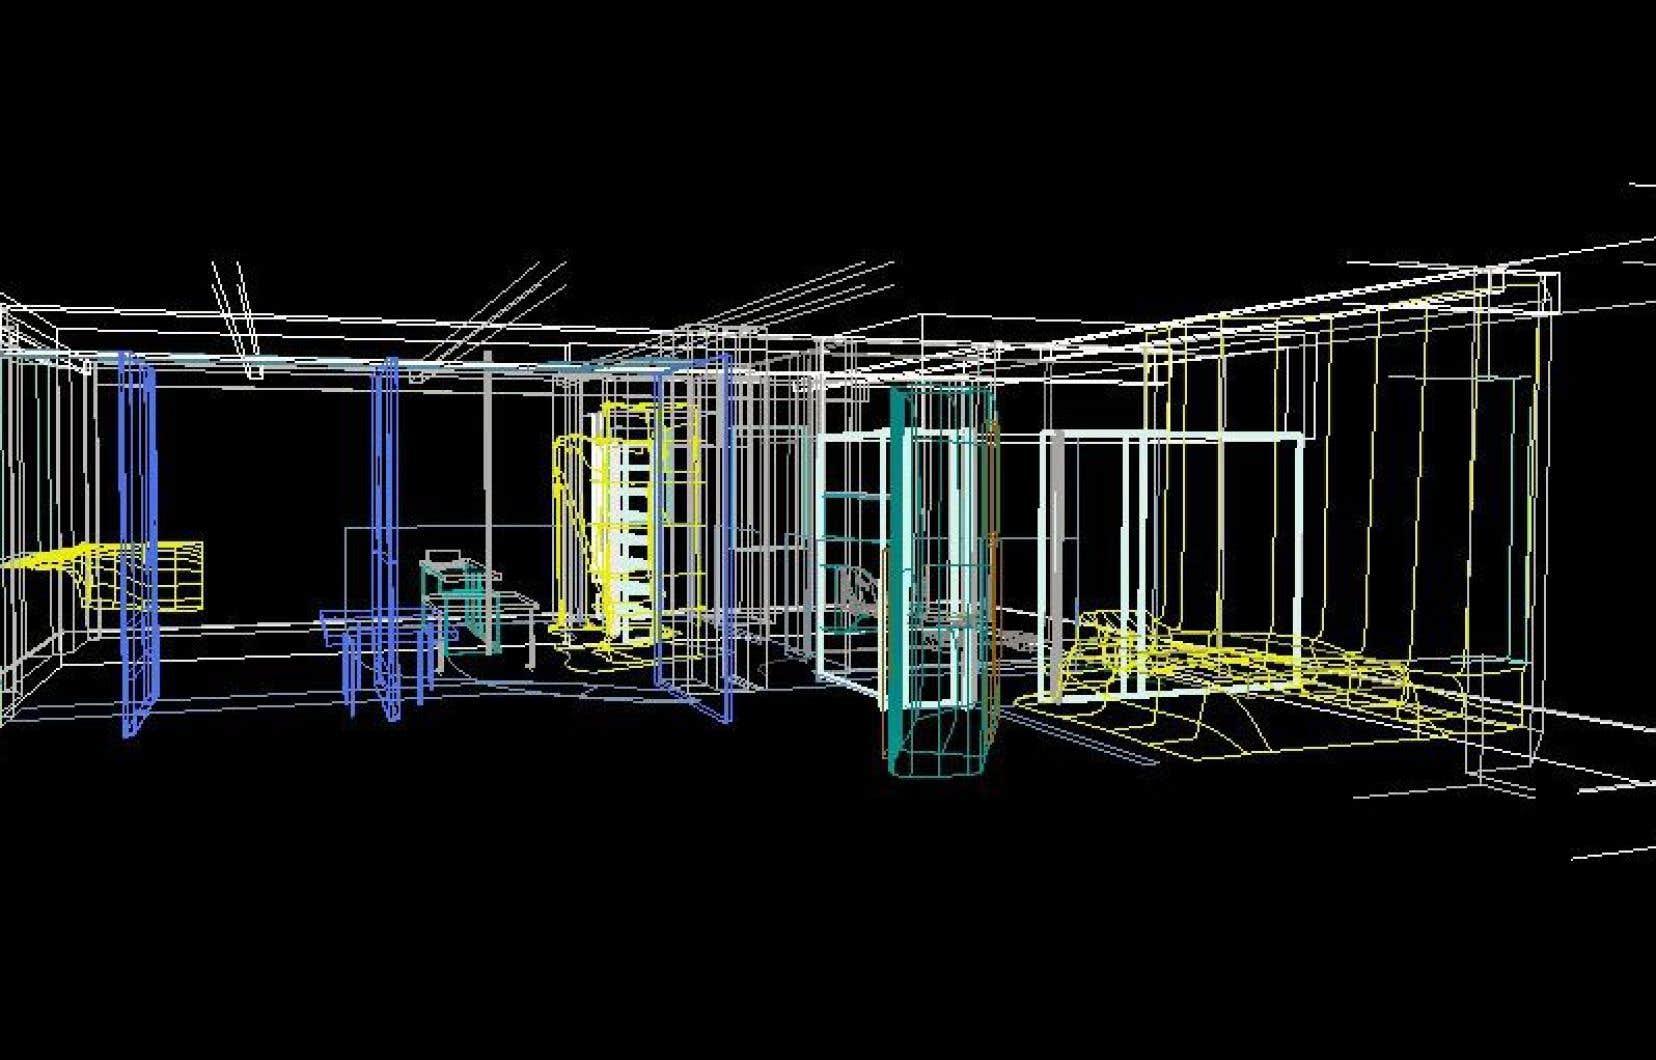 Kolatan/Mac Donald Studio, O/K Apartment: capture d'écran d'un fichier Microstation 3D, 1995